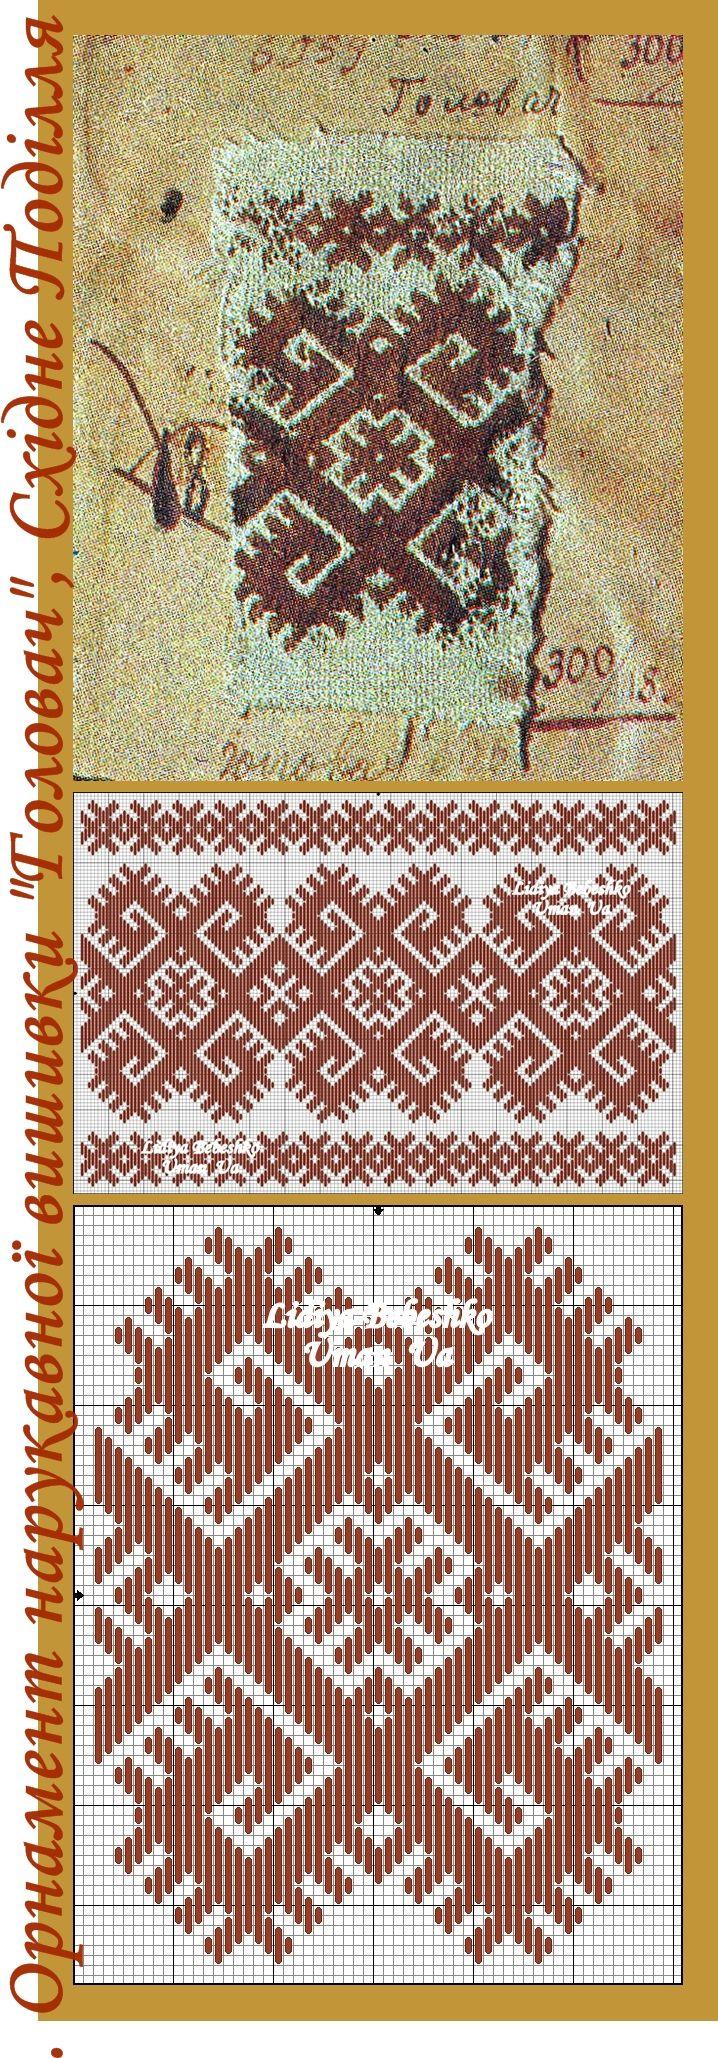 """Мотив орнаменту """"Головач"""" з нарукавної вишивки жіночої сорочки, Поділля, Україна"""